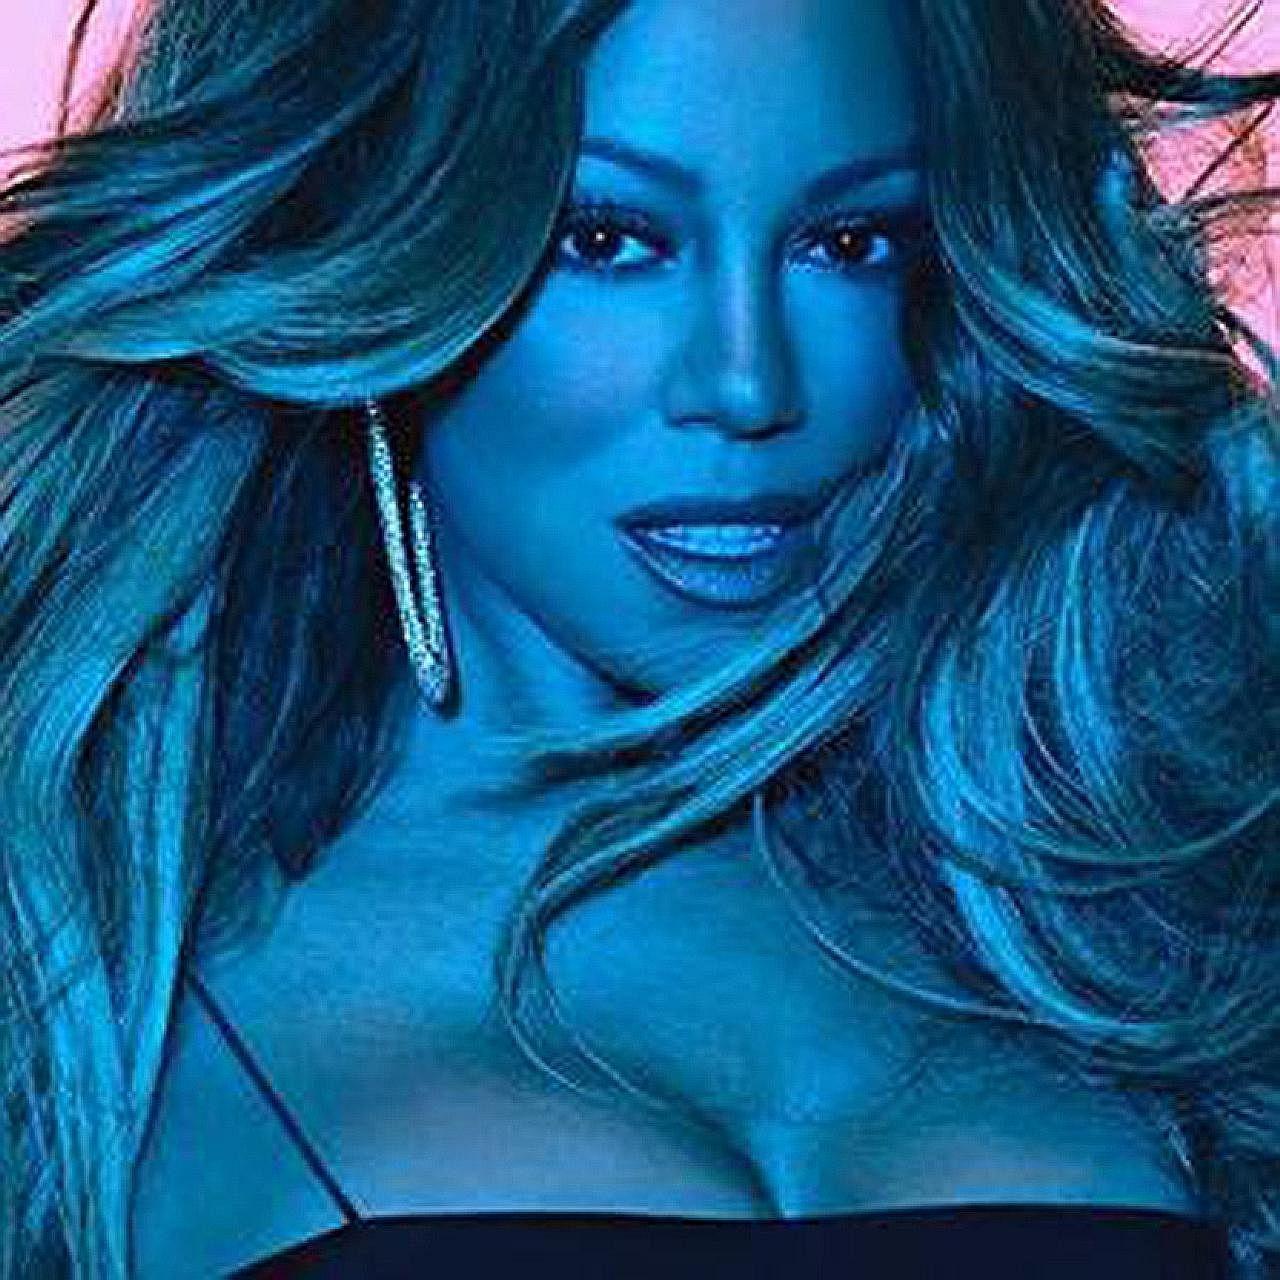 Singer Mariah Carey focuses more on proficient phrasing than vocal acrobatics in Caution.